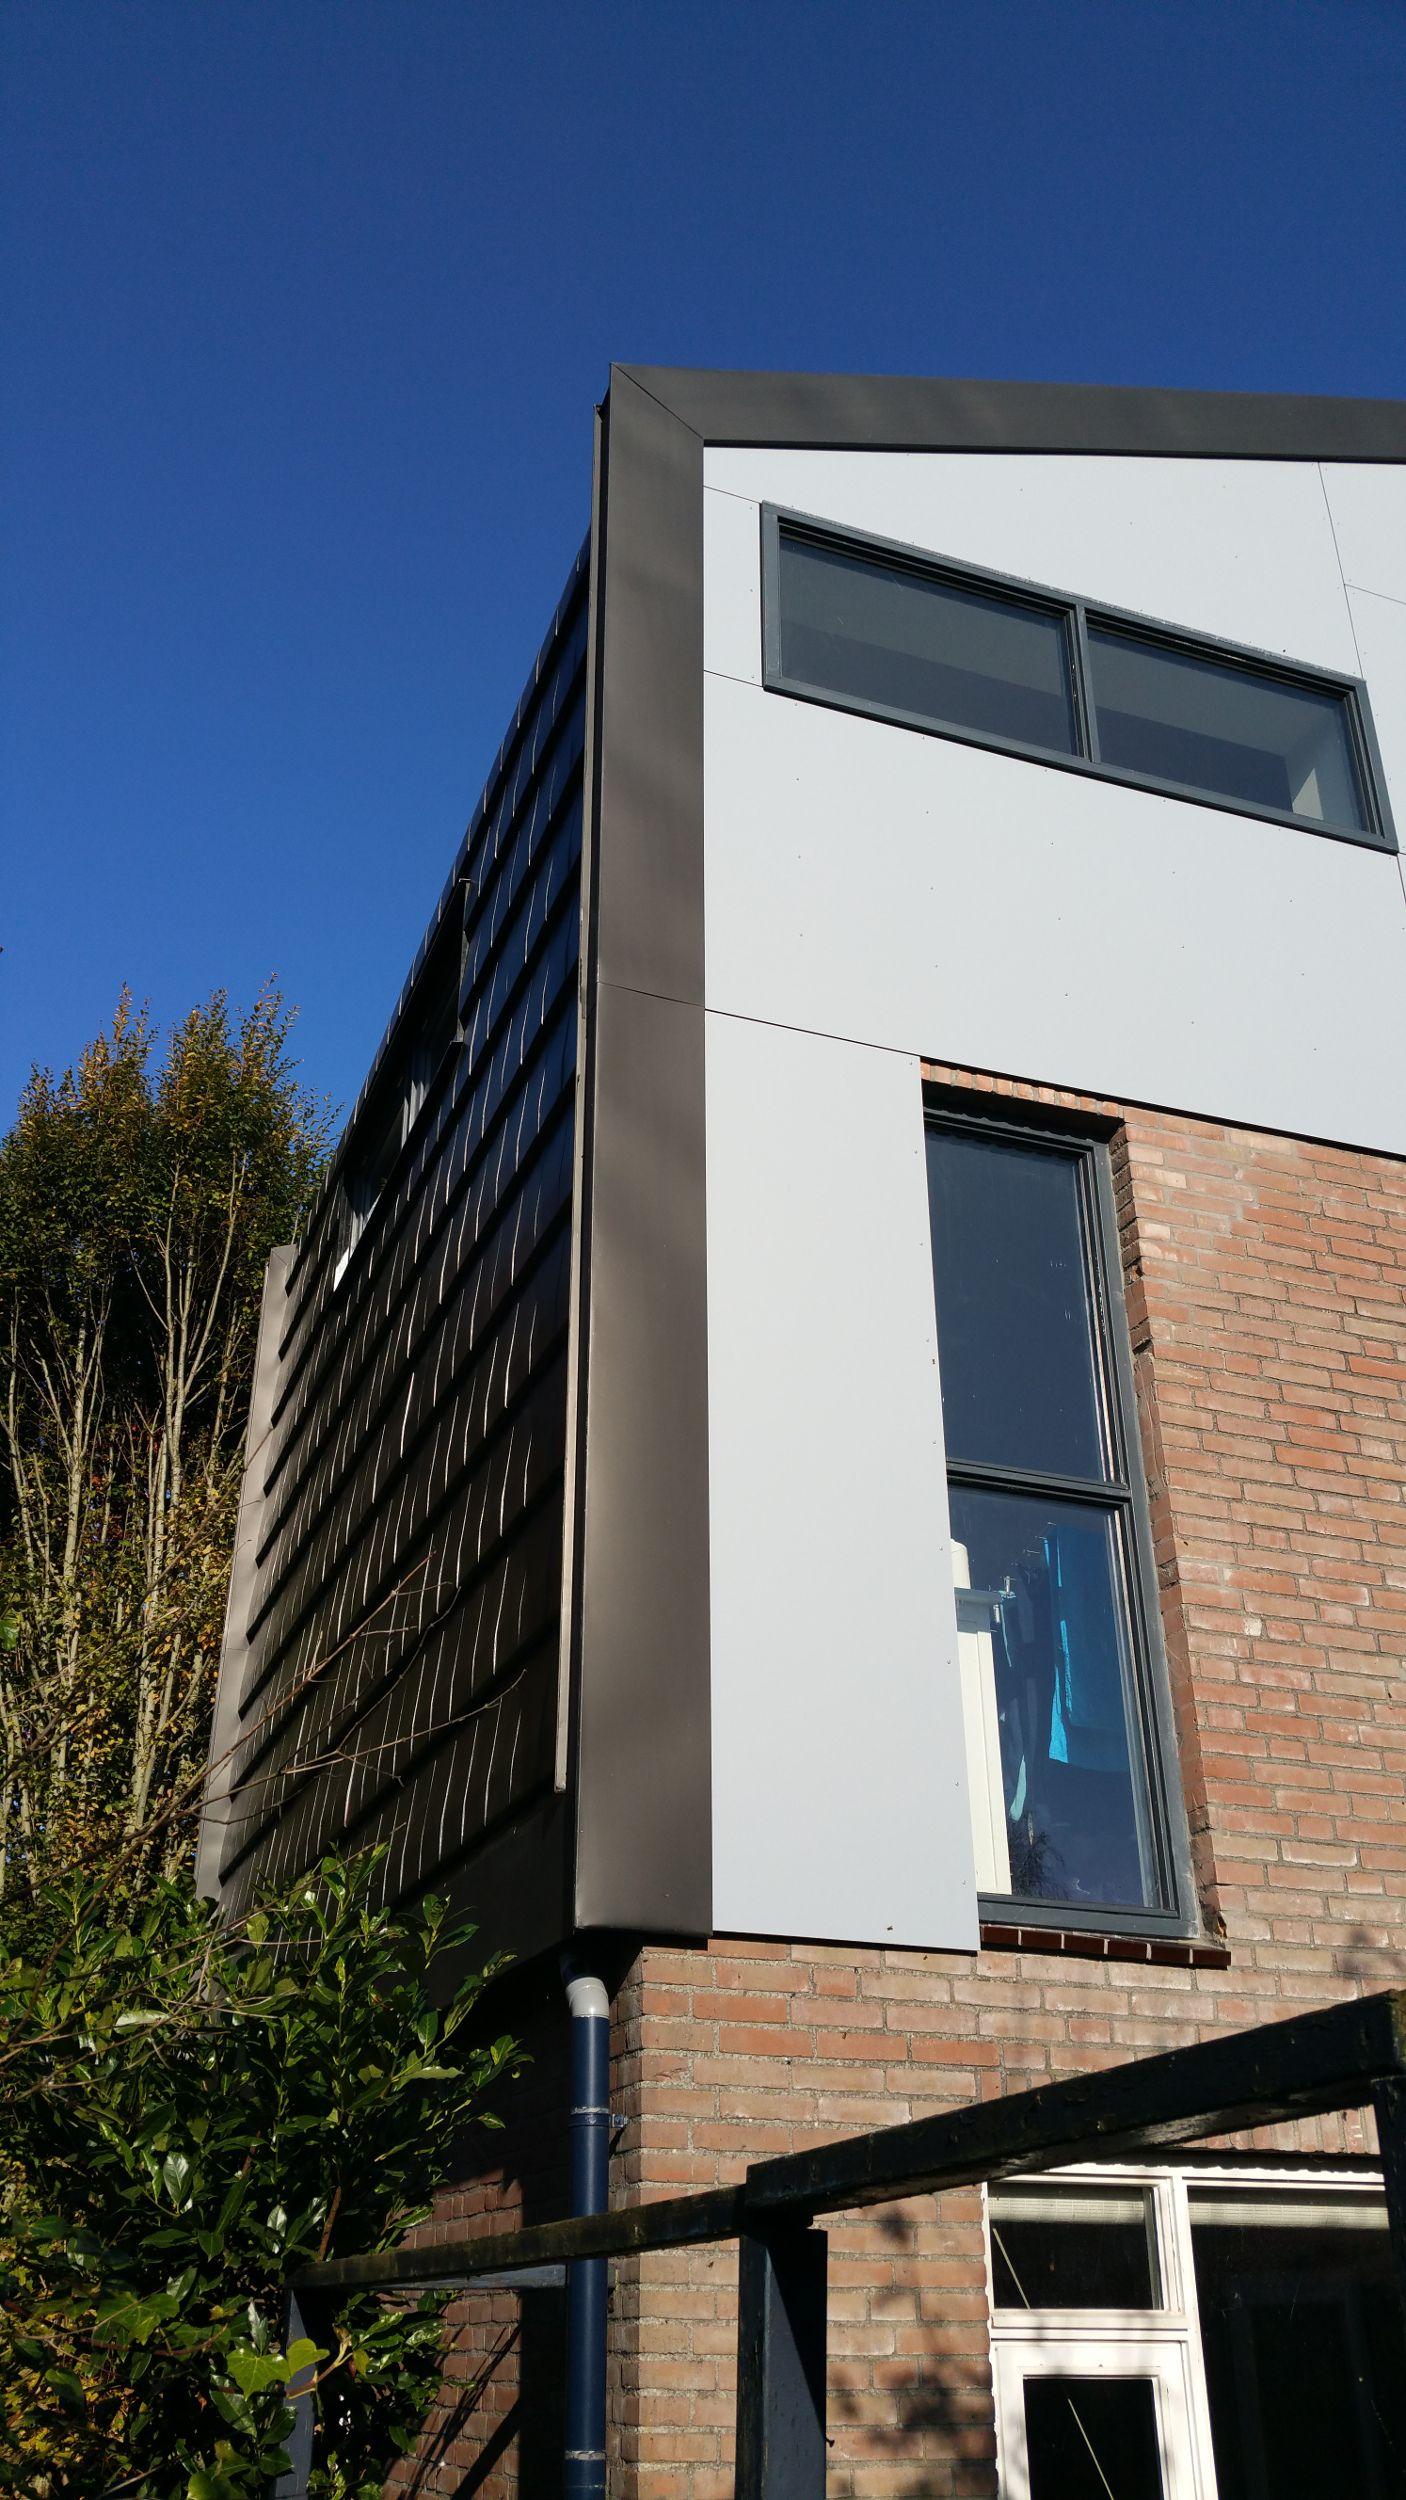 Afbeeldingsresultaat voor dak zink opbouw